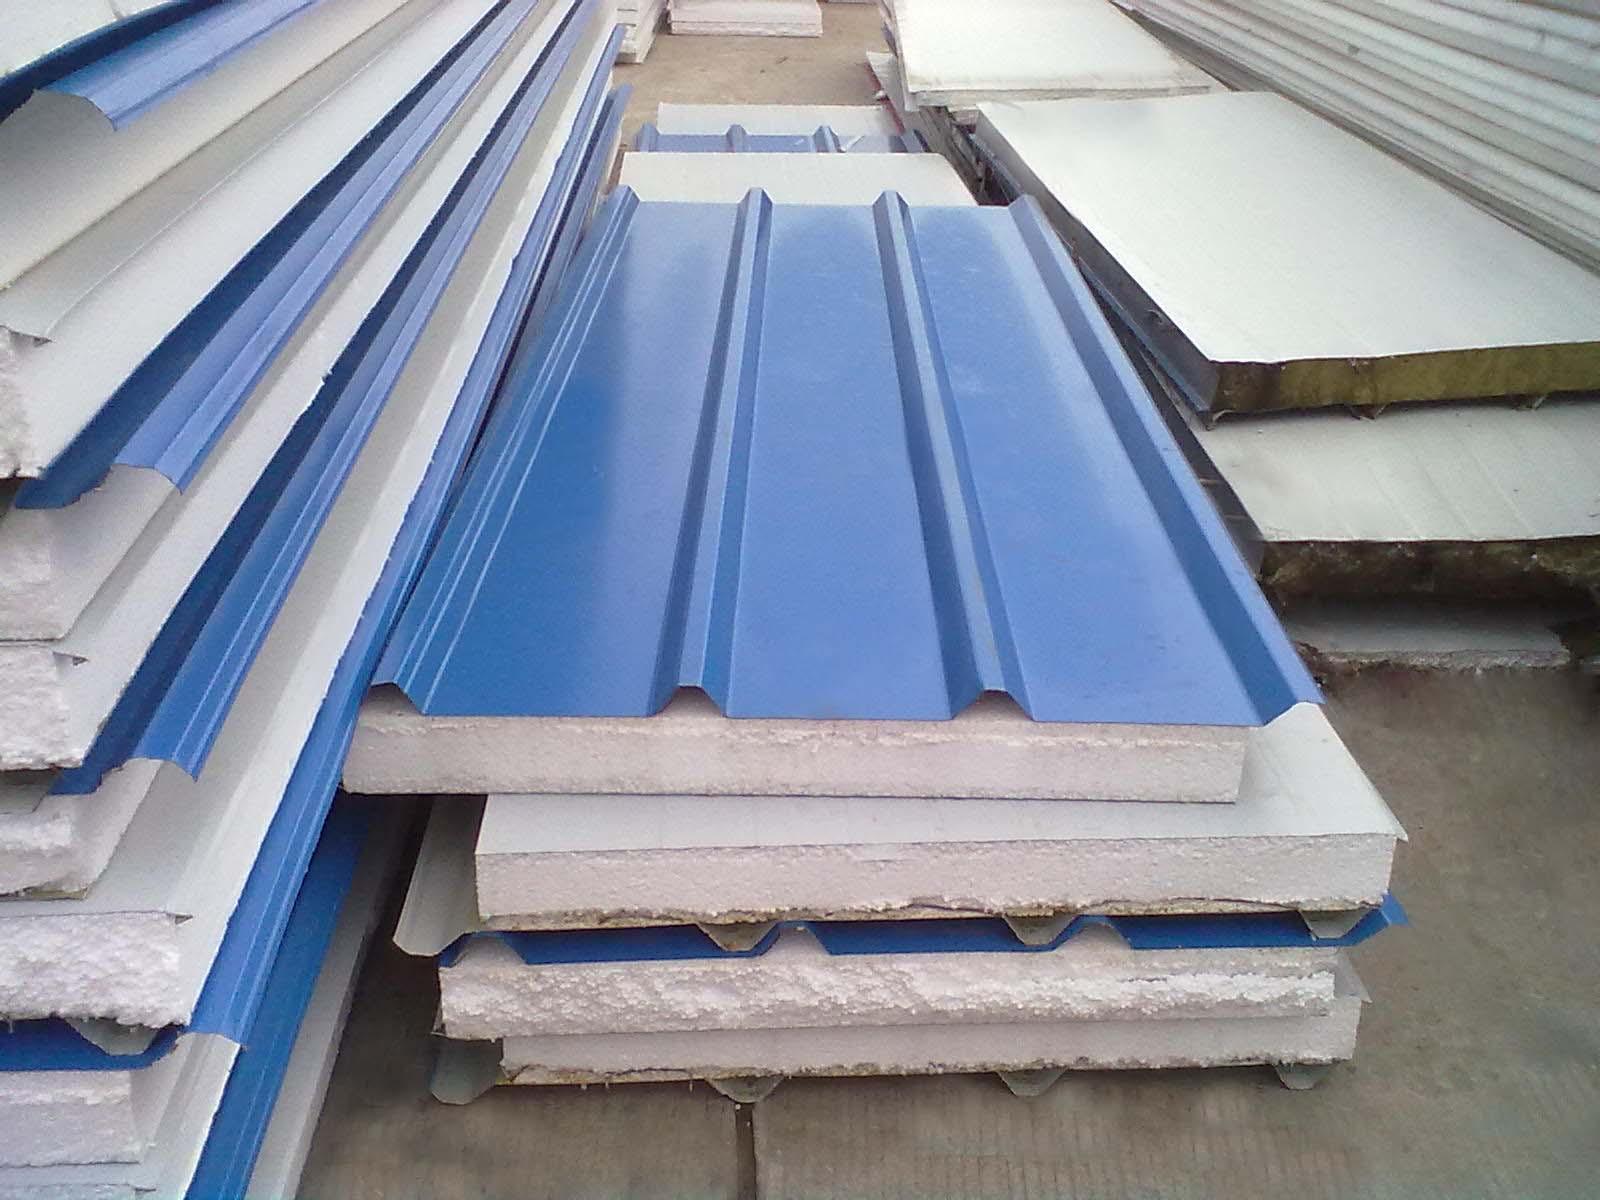 聚苯乙烯泡沫塑料板 厚聚苯乙烯泡沫塑料板